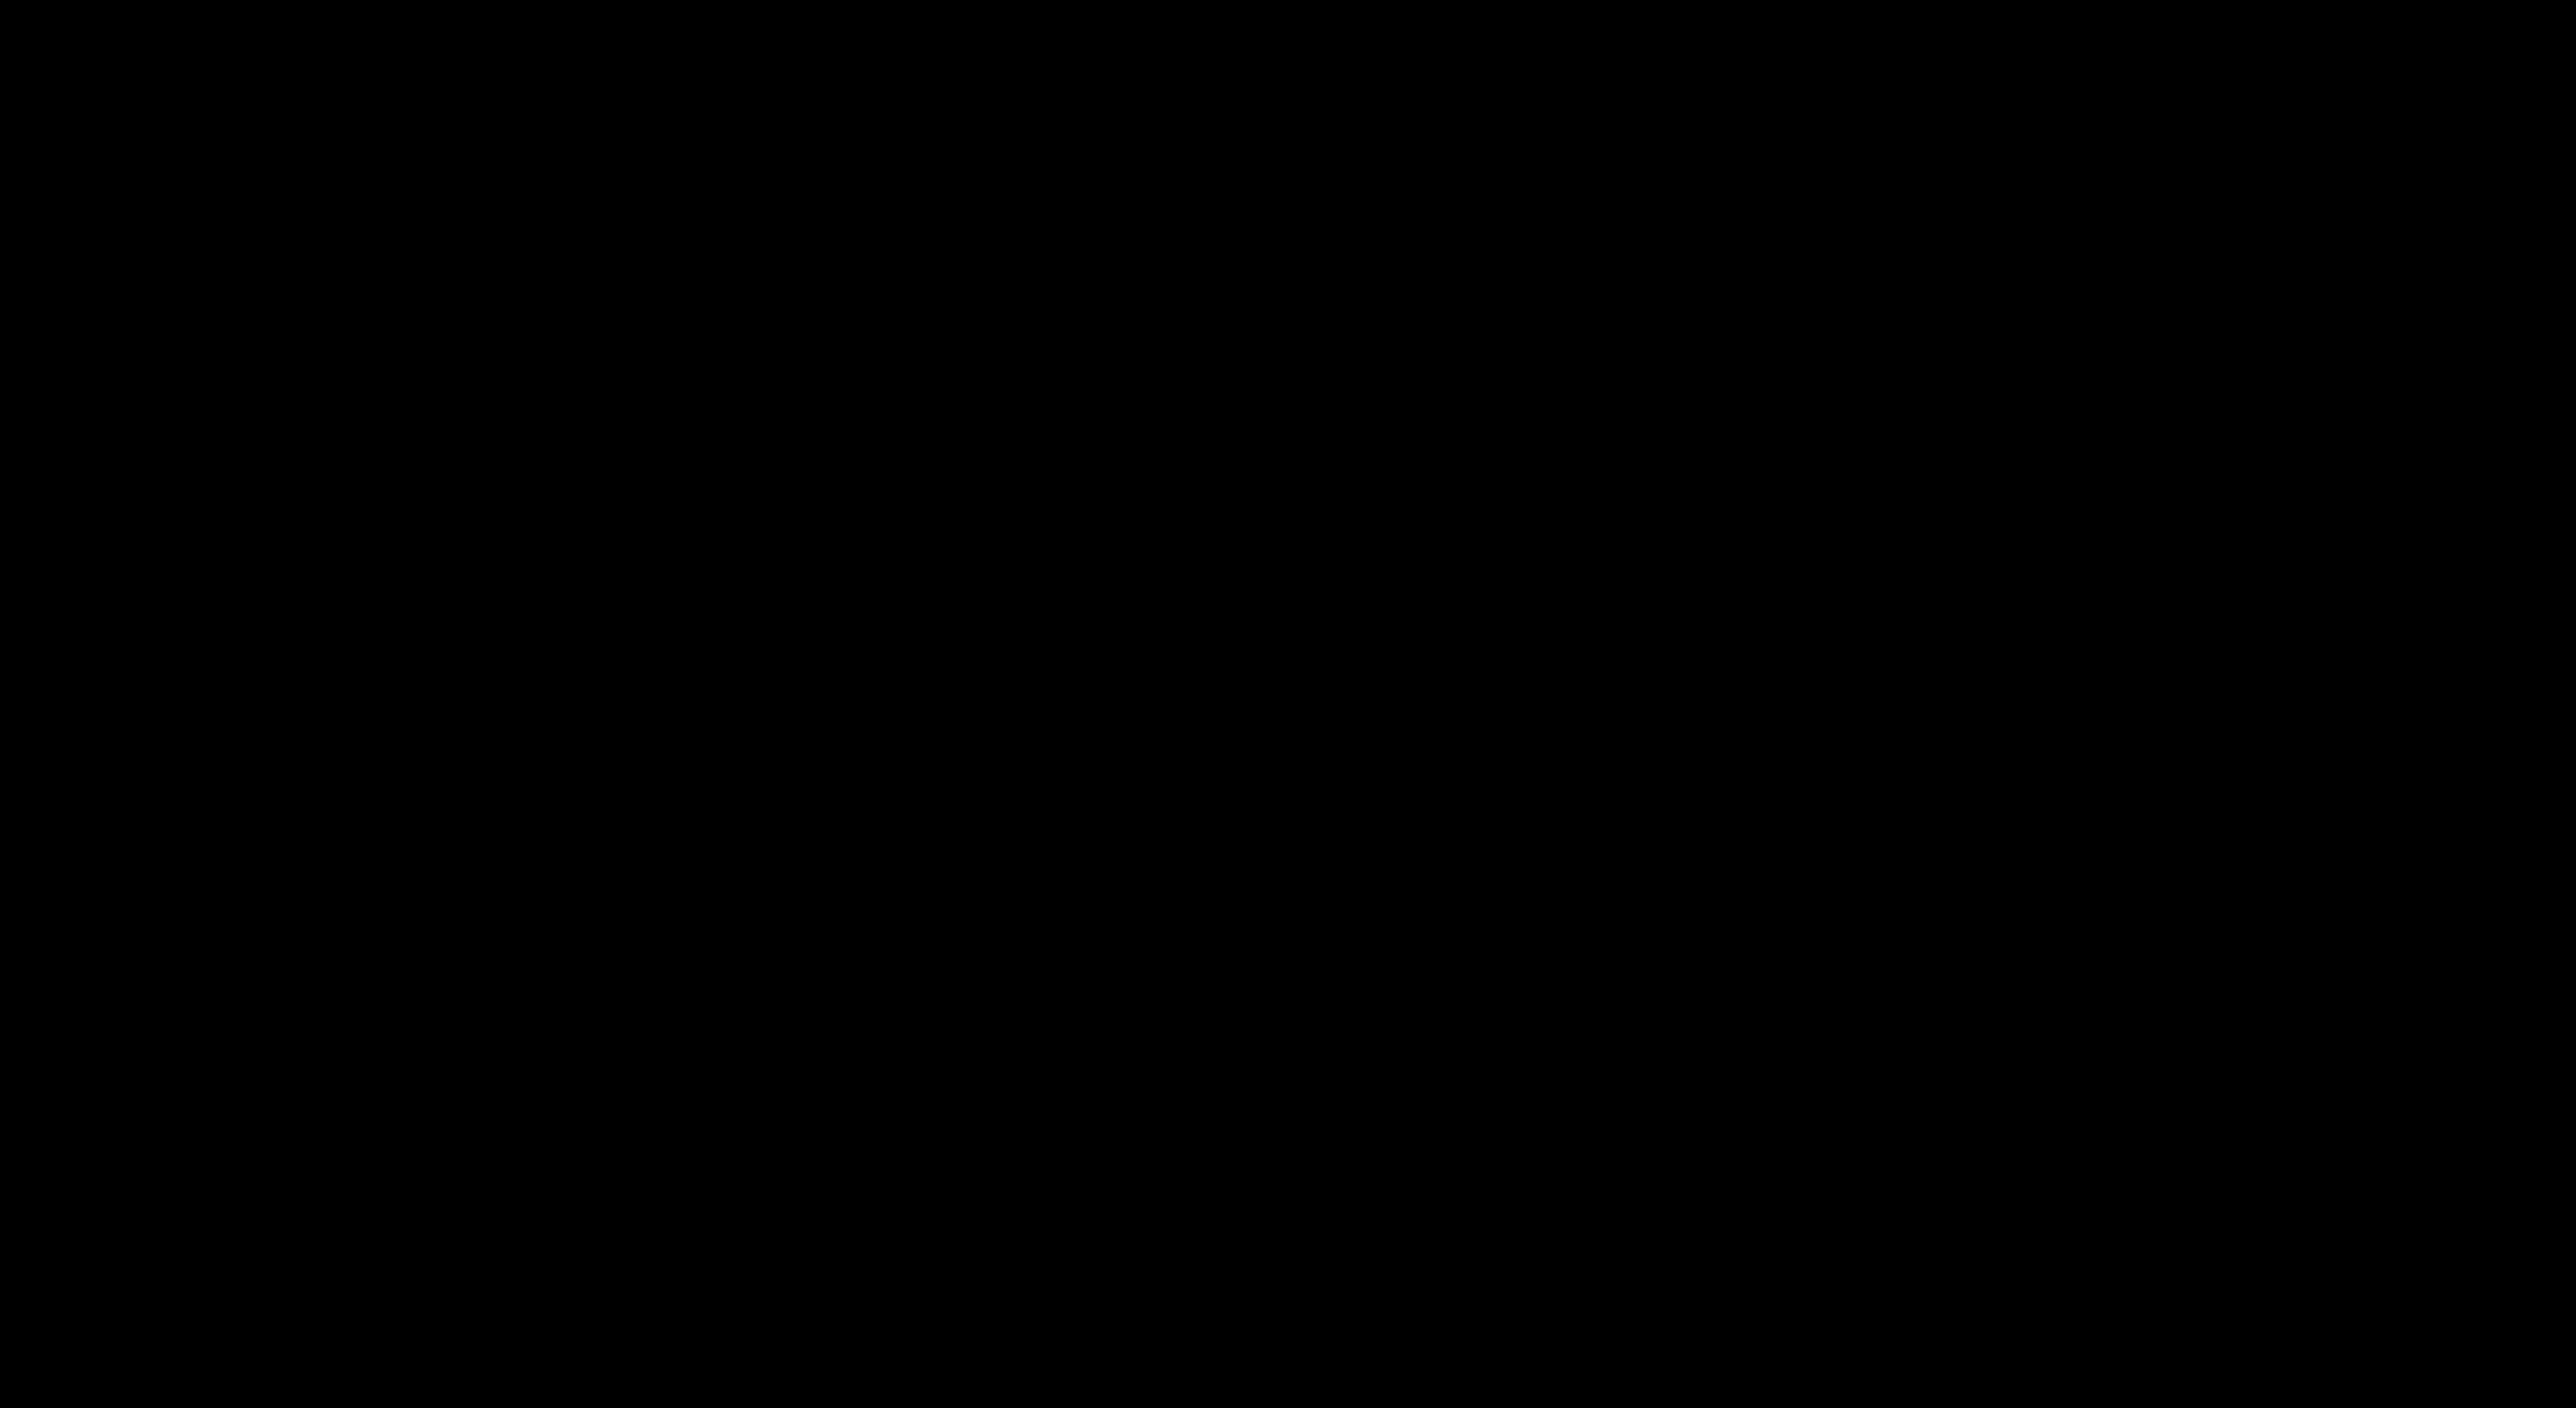 banner_resultados_consulta_presupuestos_2018